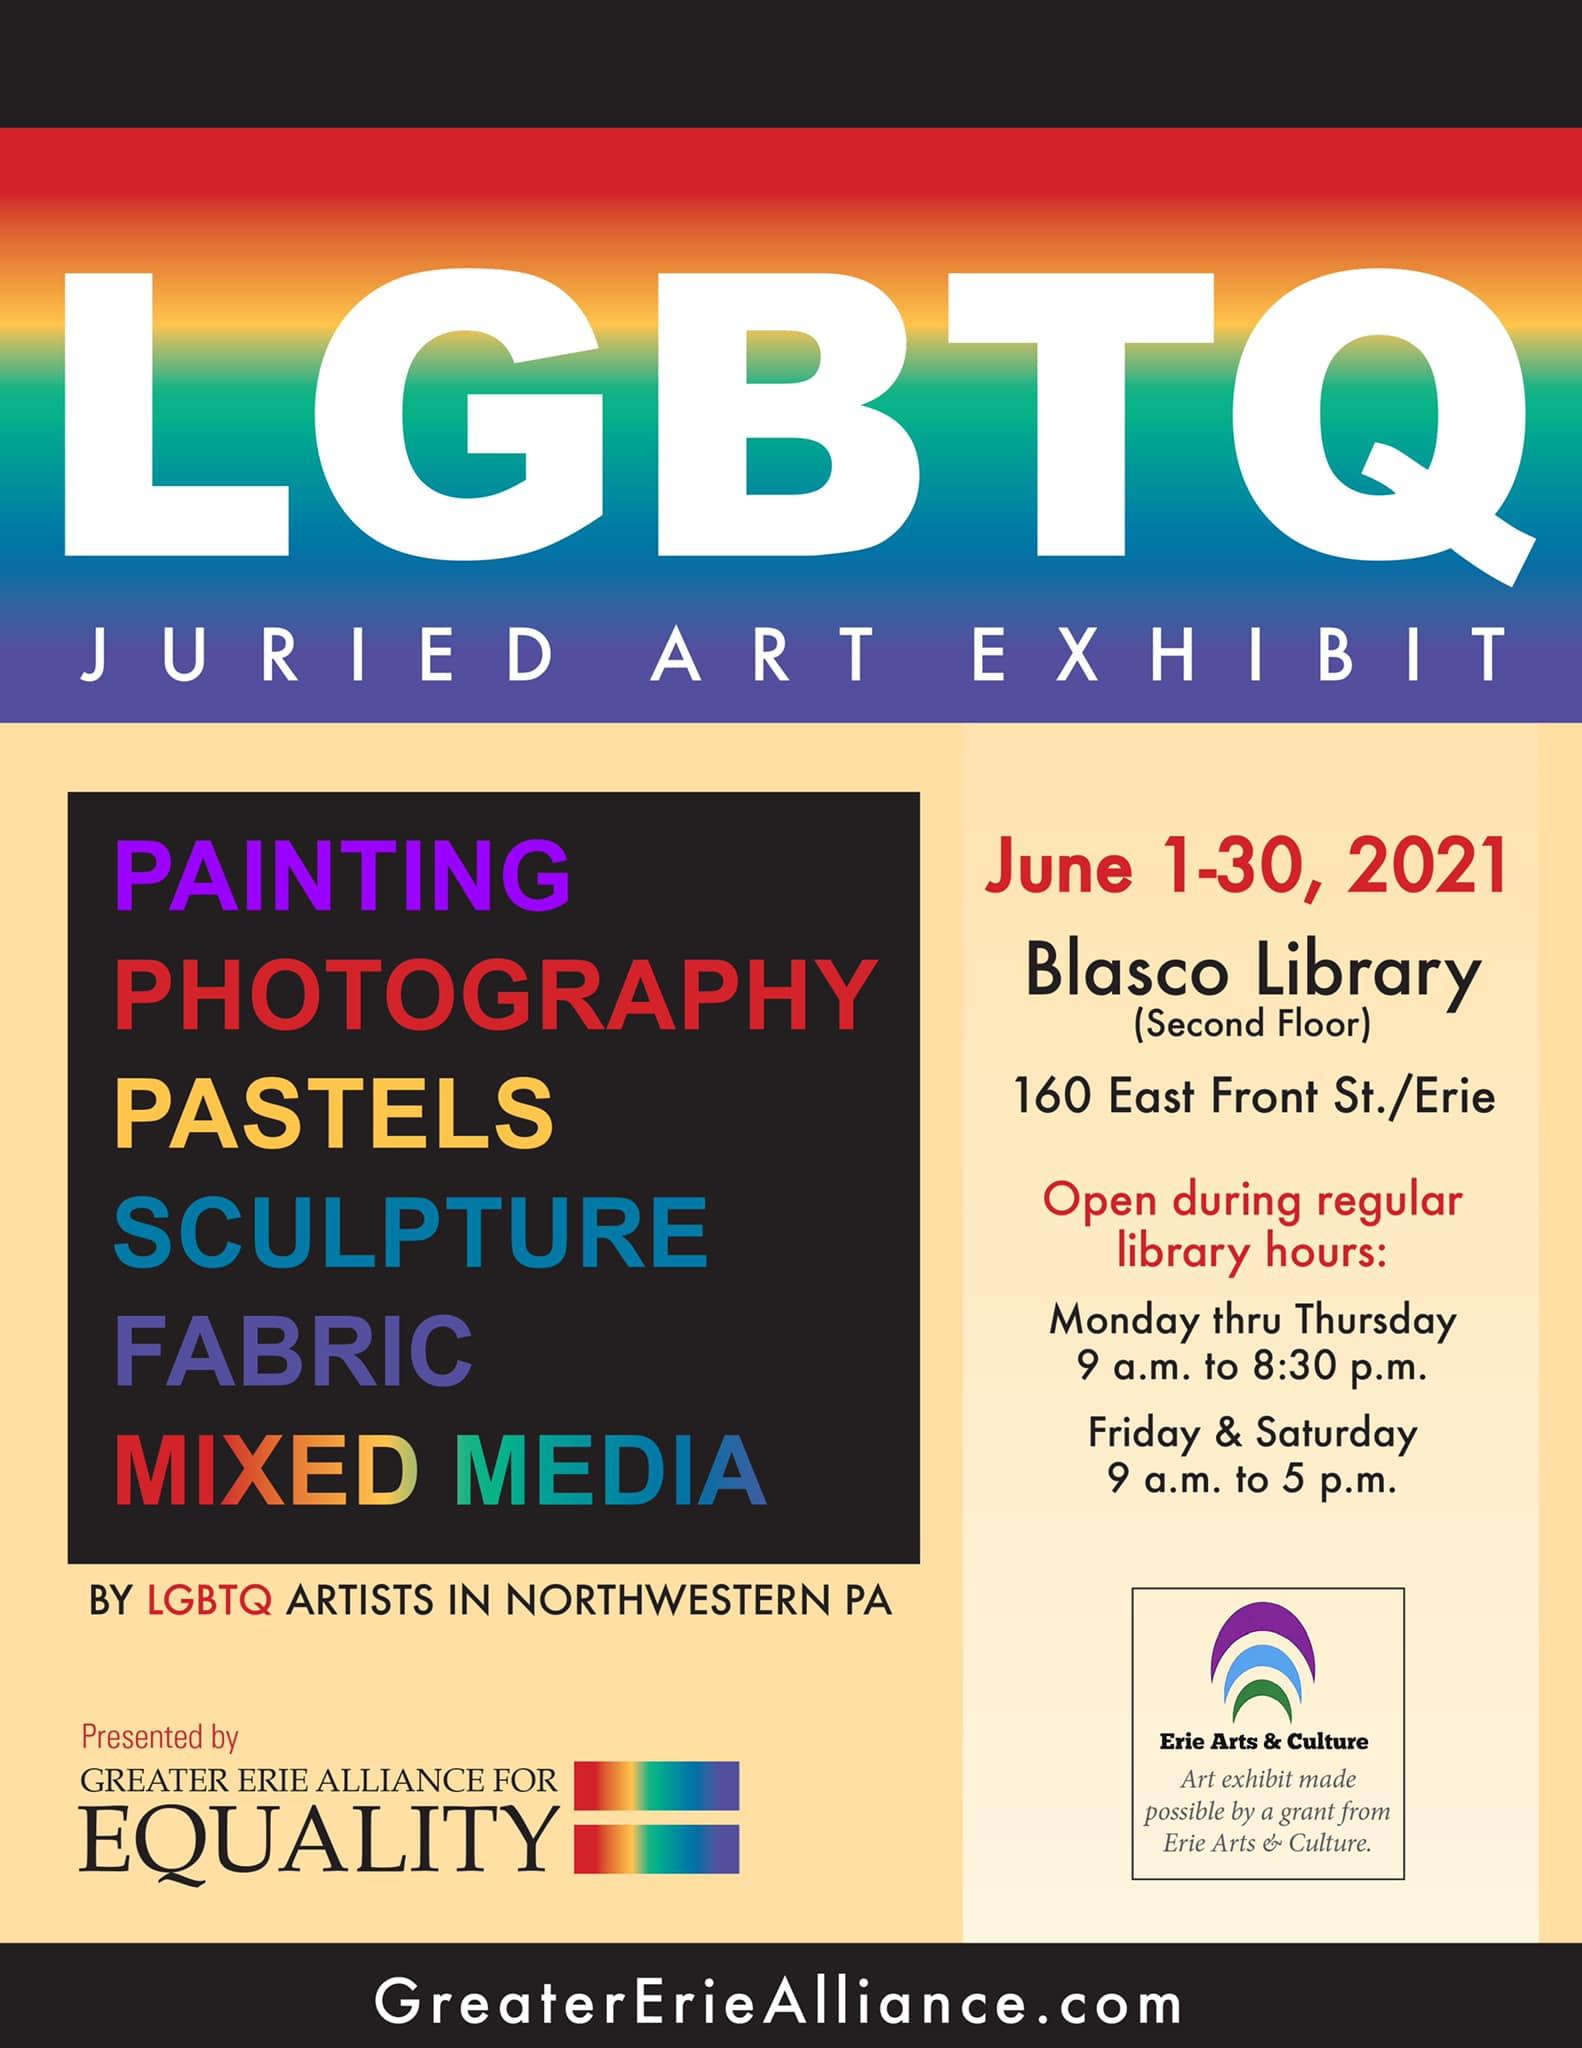 The 2021 LGBTQ Juried Art Exhibit